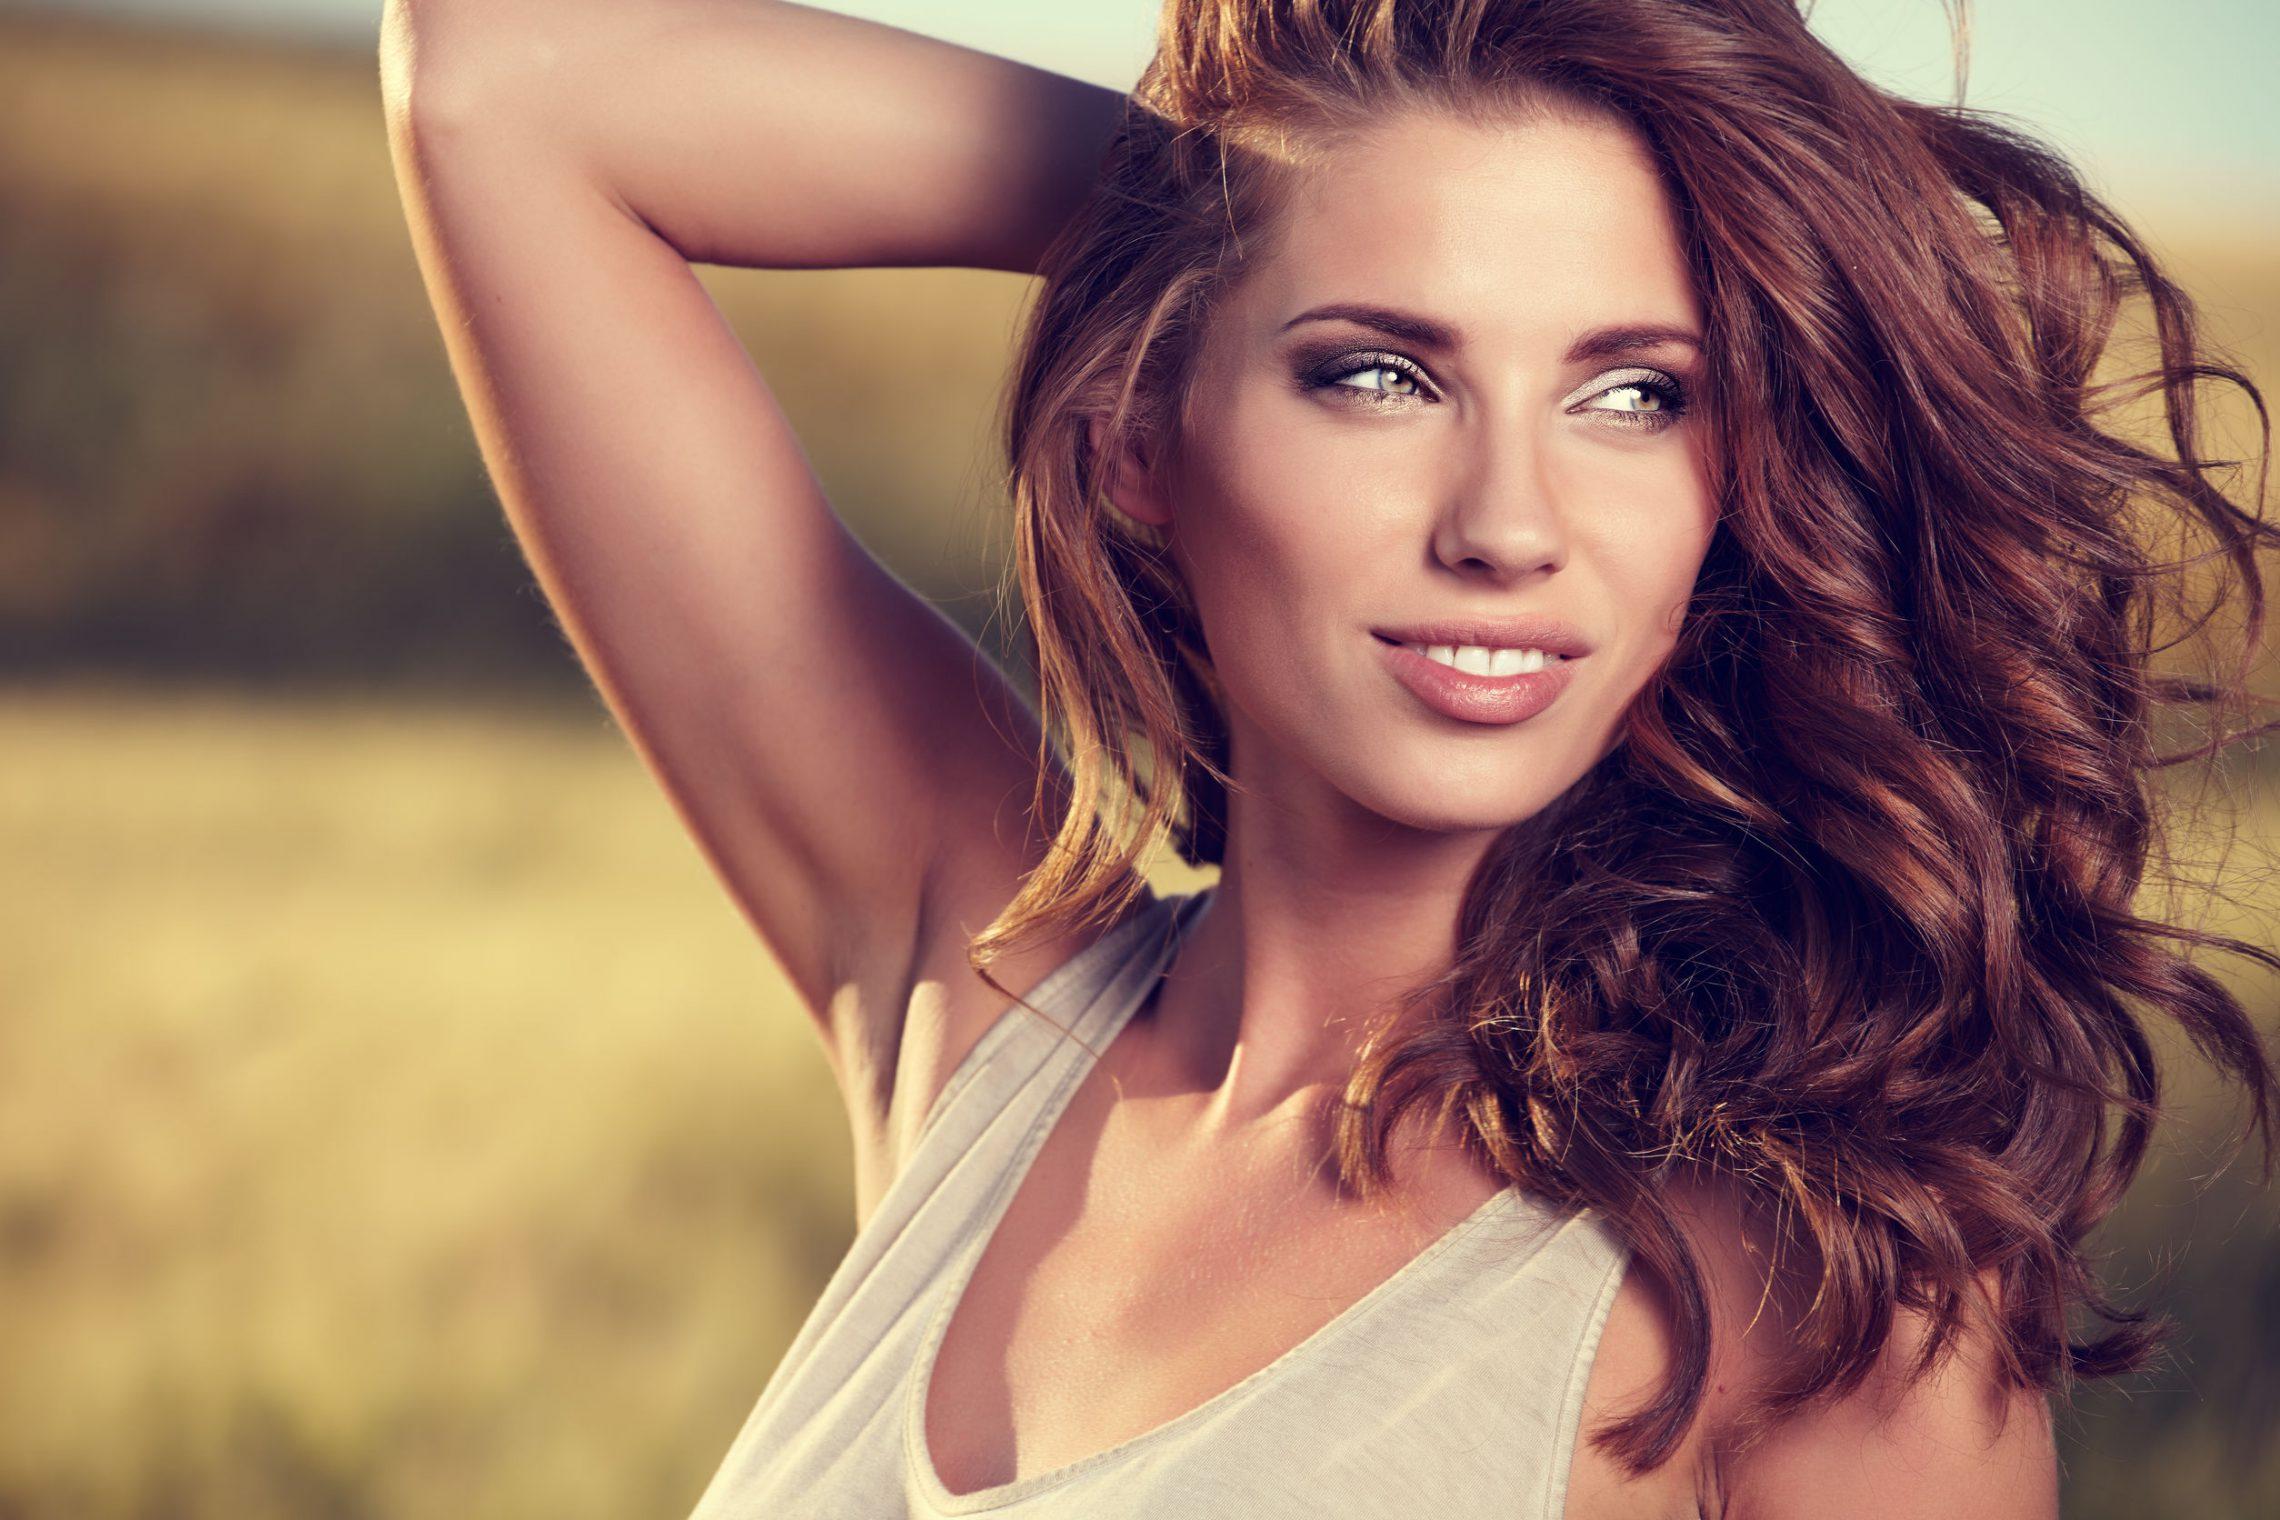 5 rzeczy, które zawsze robią kobiety z pięknymi włosami